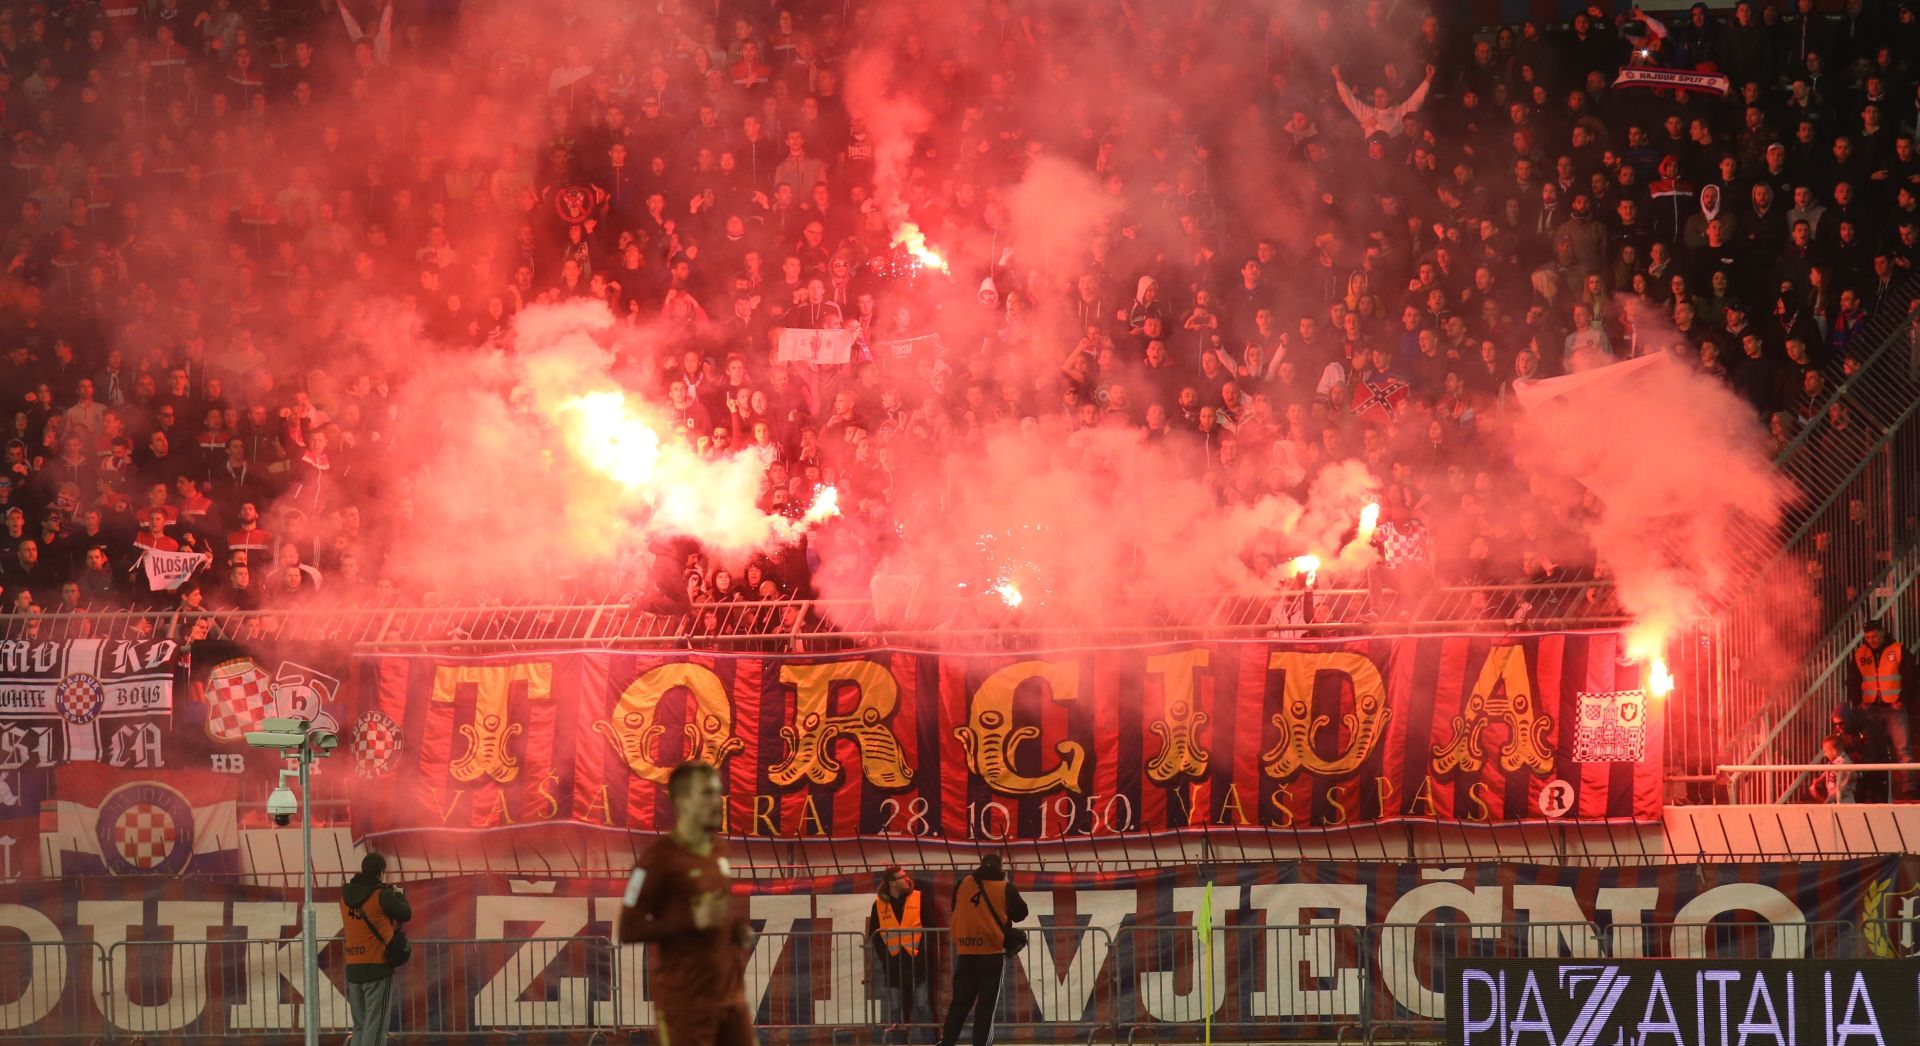 Splitski navijači uhićeni zbog poticanja na nasilje i mržnju